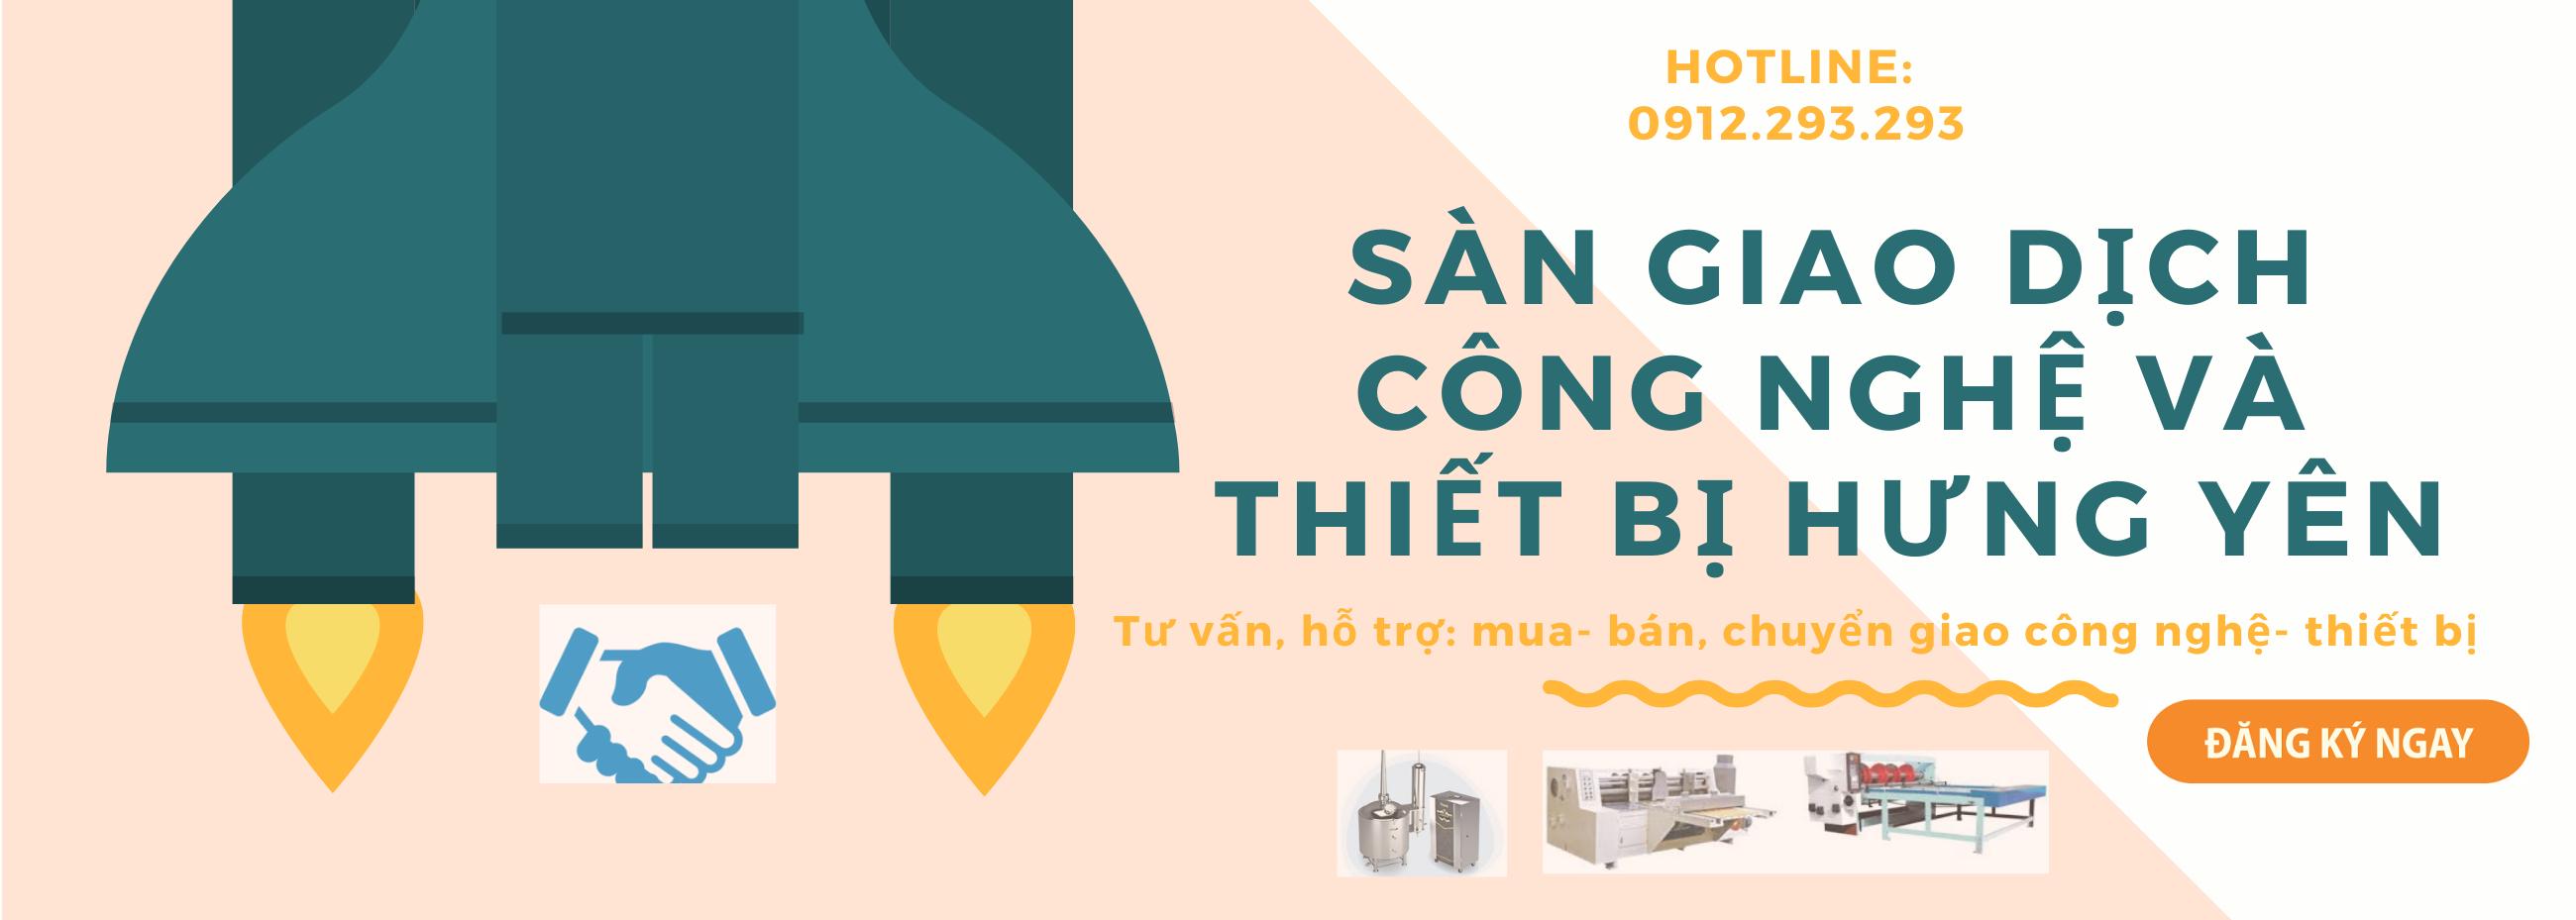 Sàn giao dịch công nghệ tỉnh Hưng Yên